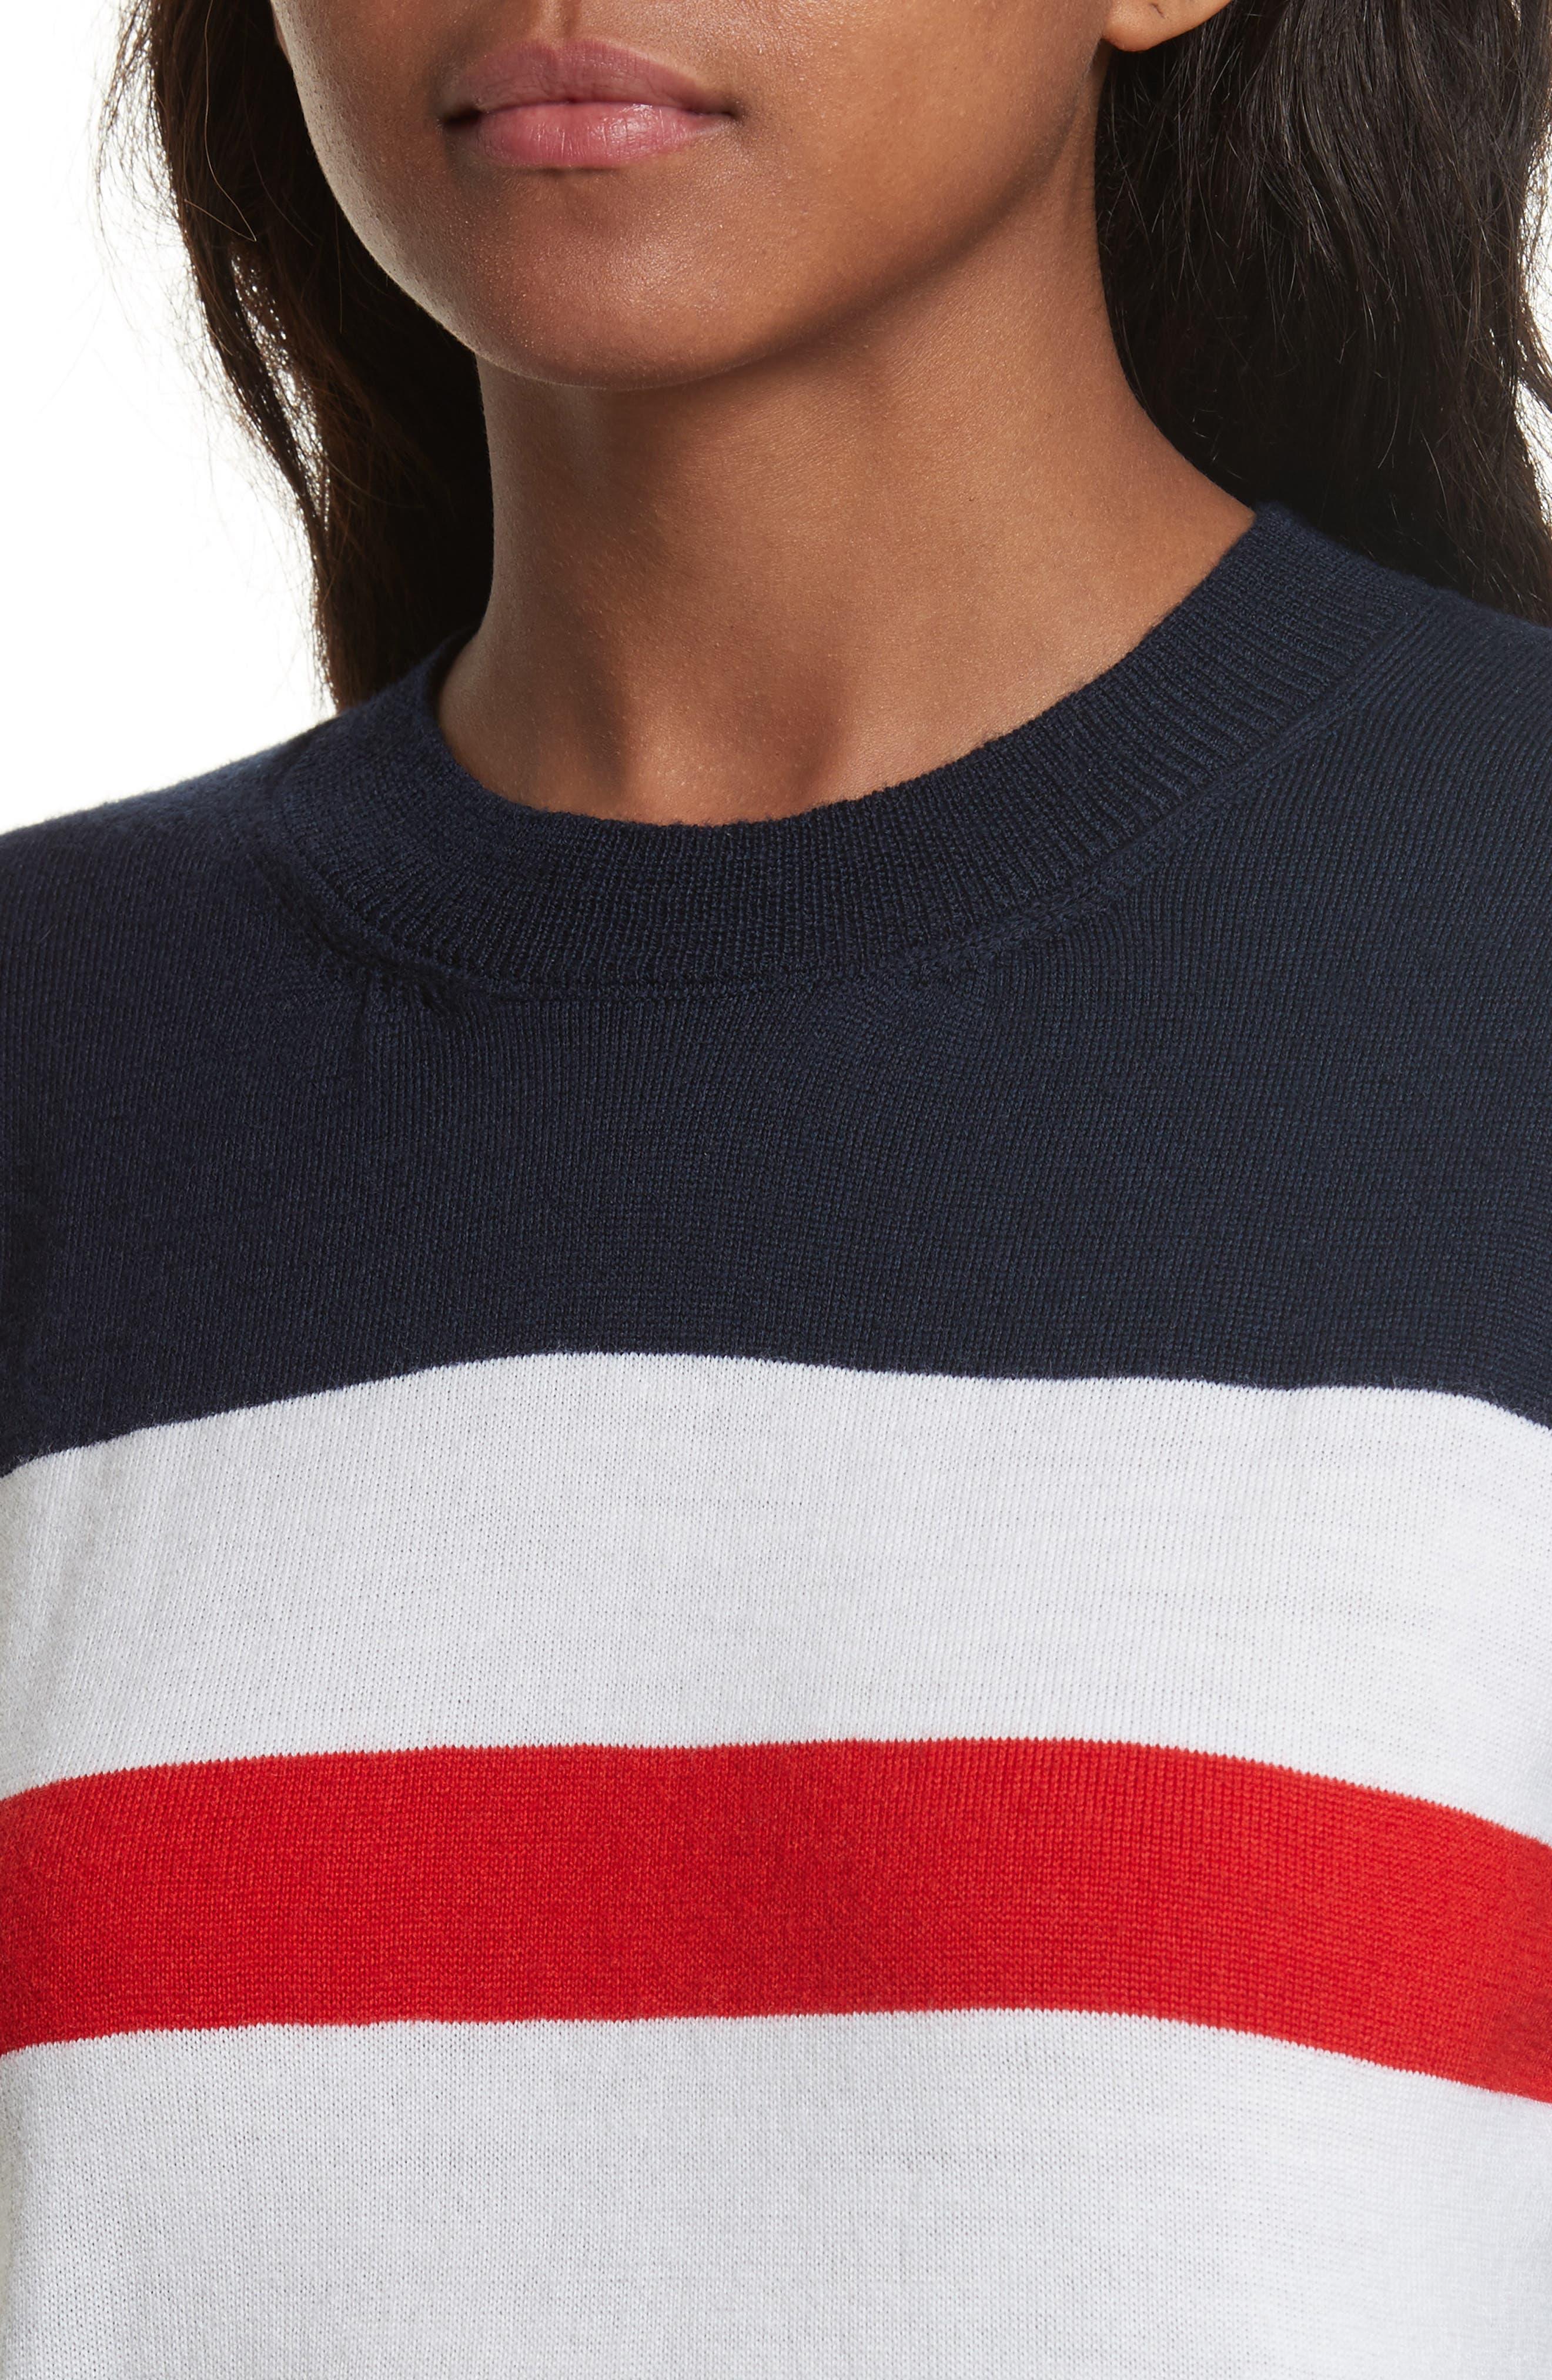 être cécile Boyfriend Knit Merino Wool Sweater,                             Alternate thumbnail 4, color,                             400